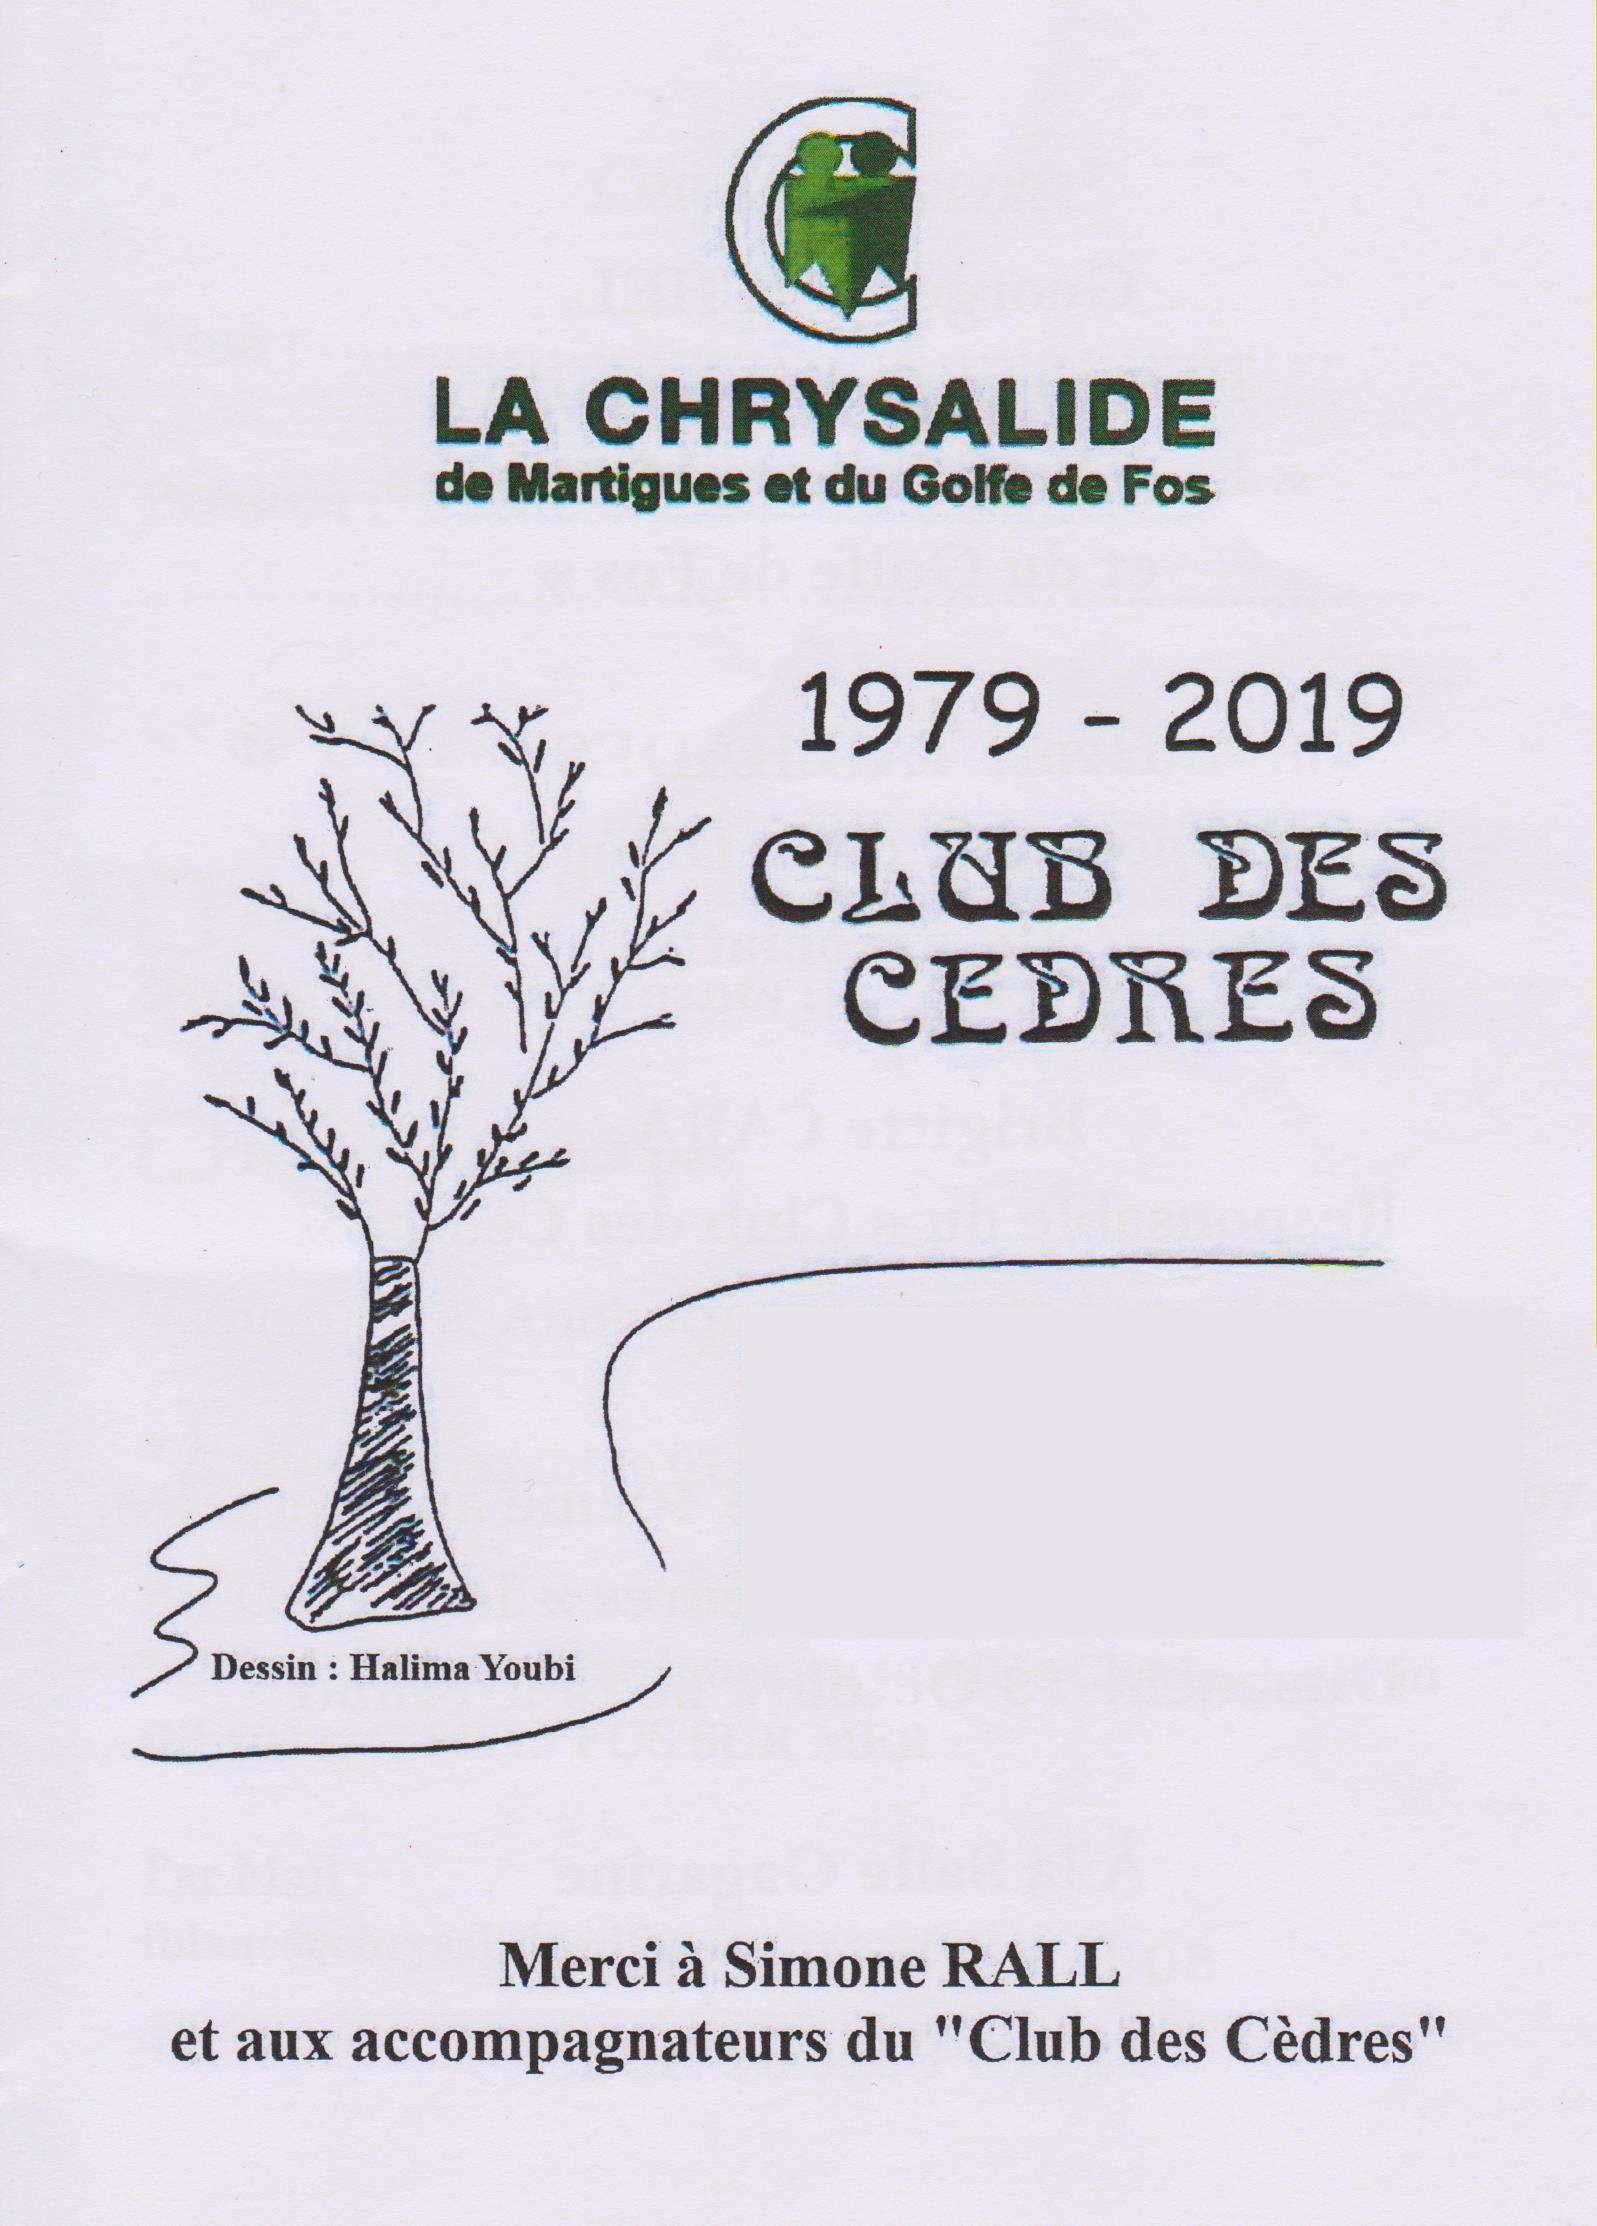 13 OCTOBRE 2019 : 40 ANS DU CLUB DES CEDRES